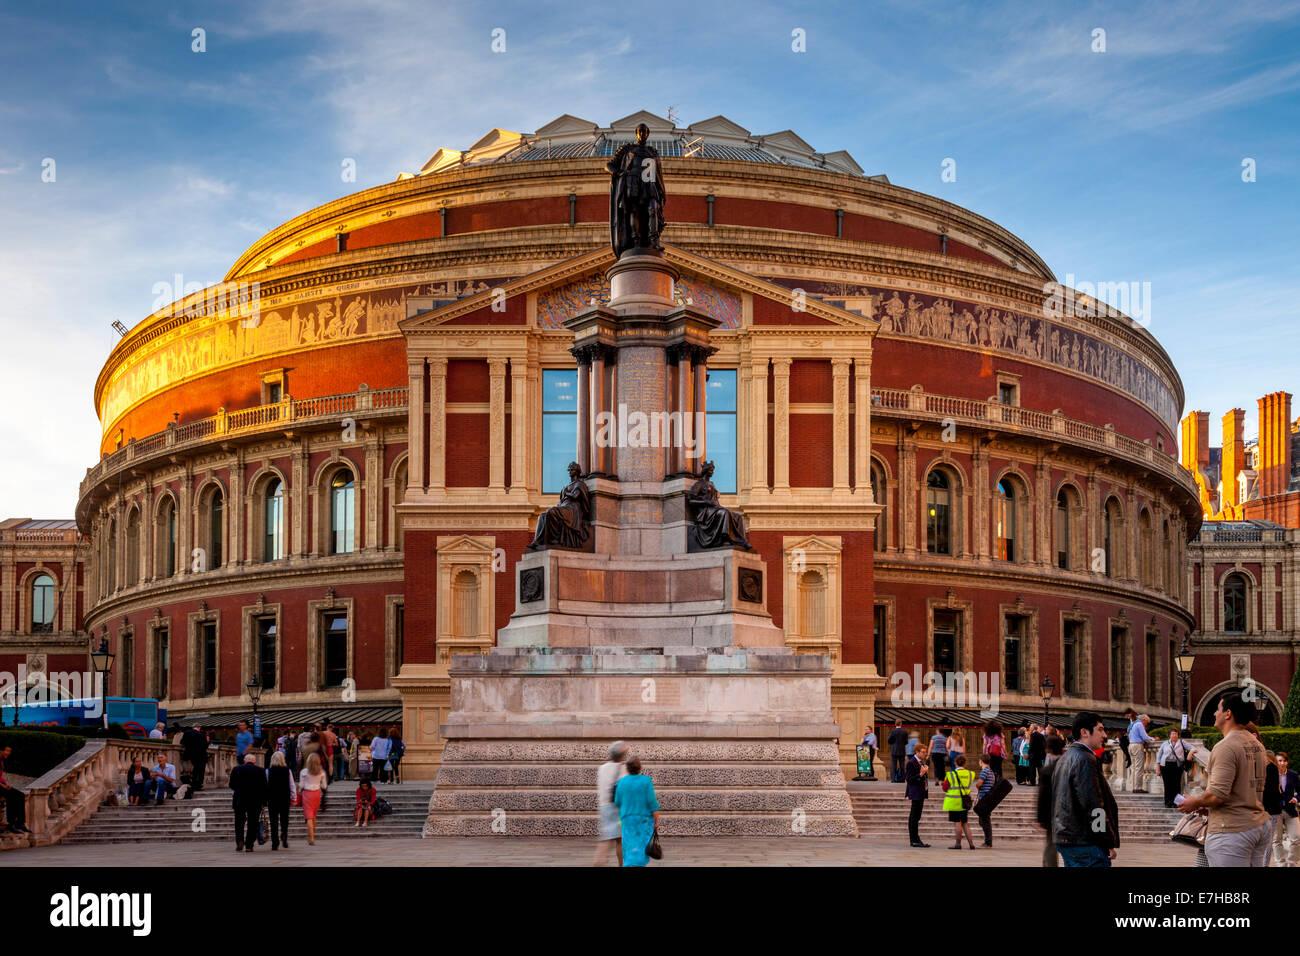 The Royal Albert Hall, Kensington, London, England - Stock Image